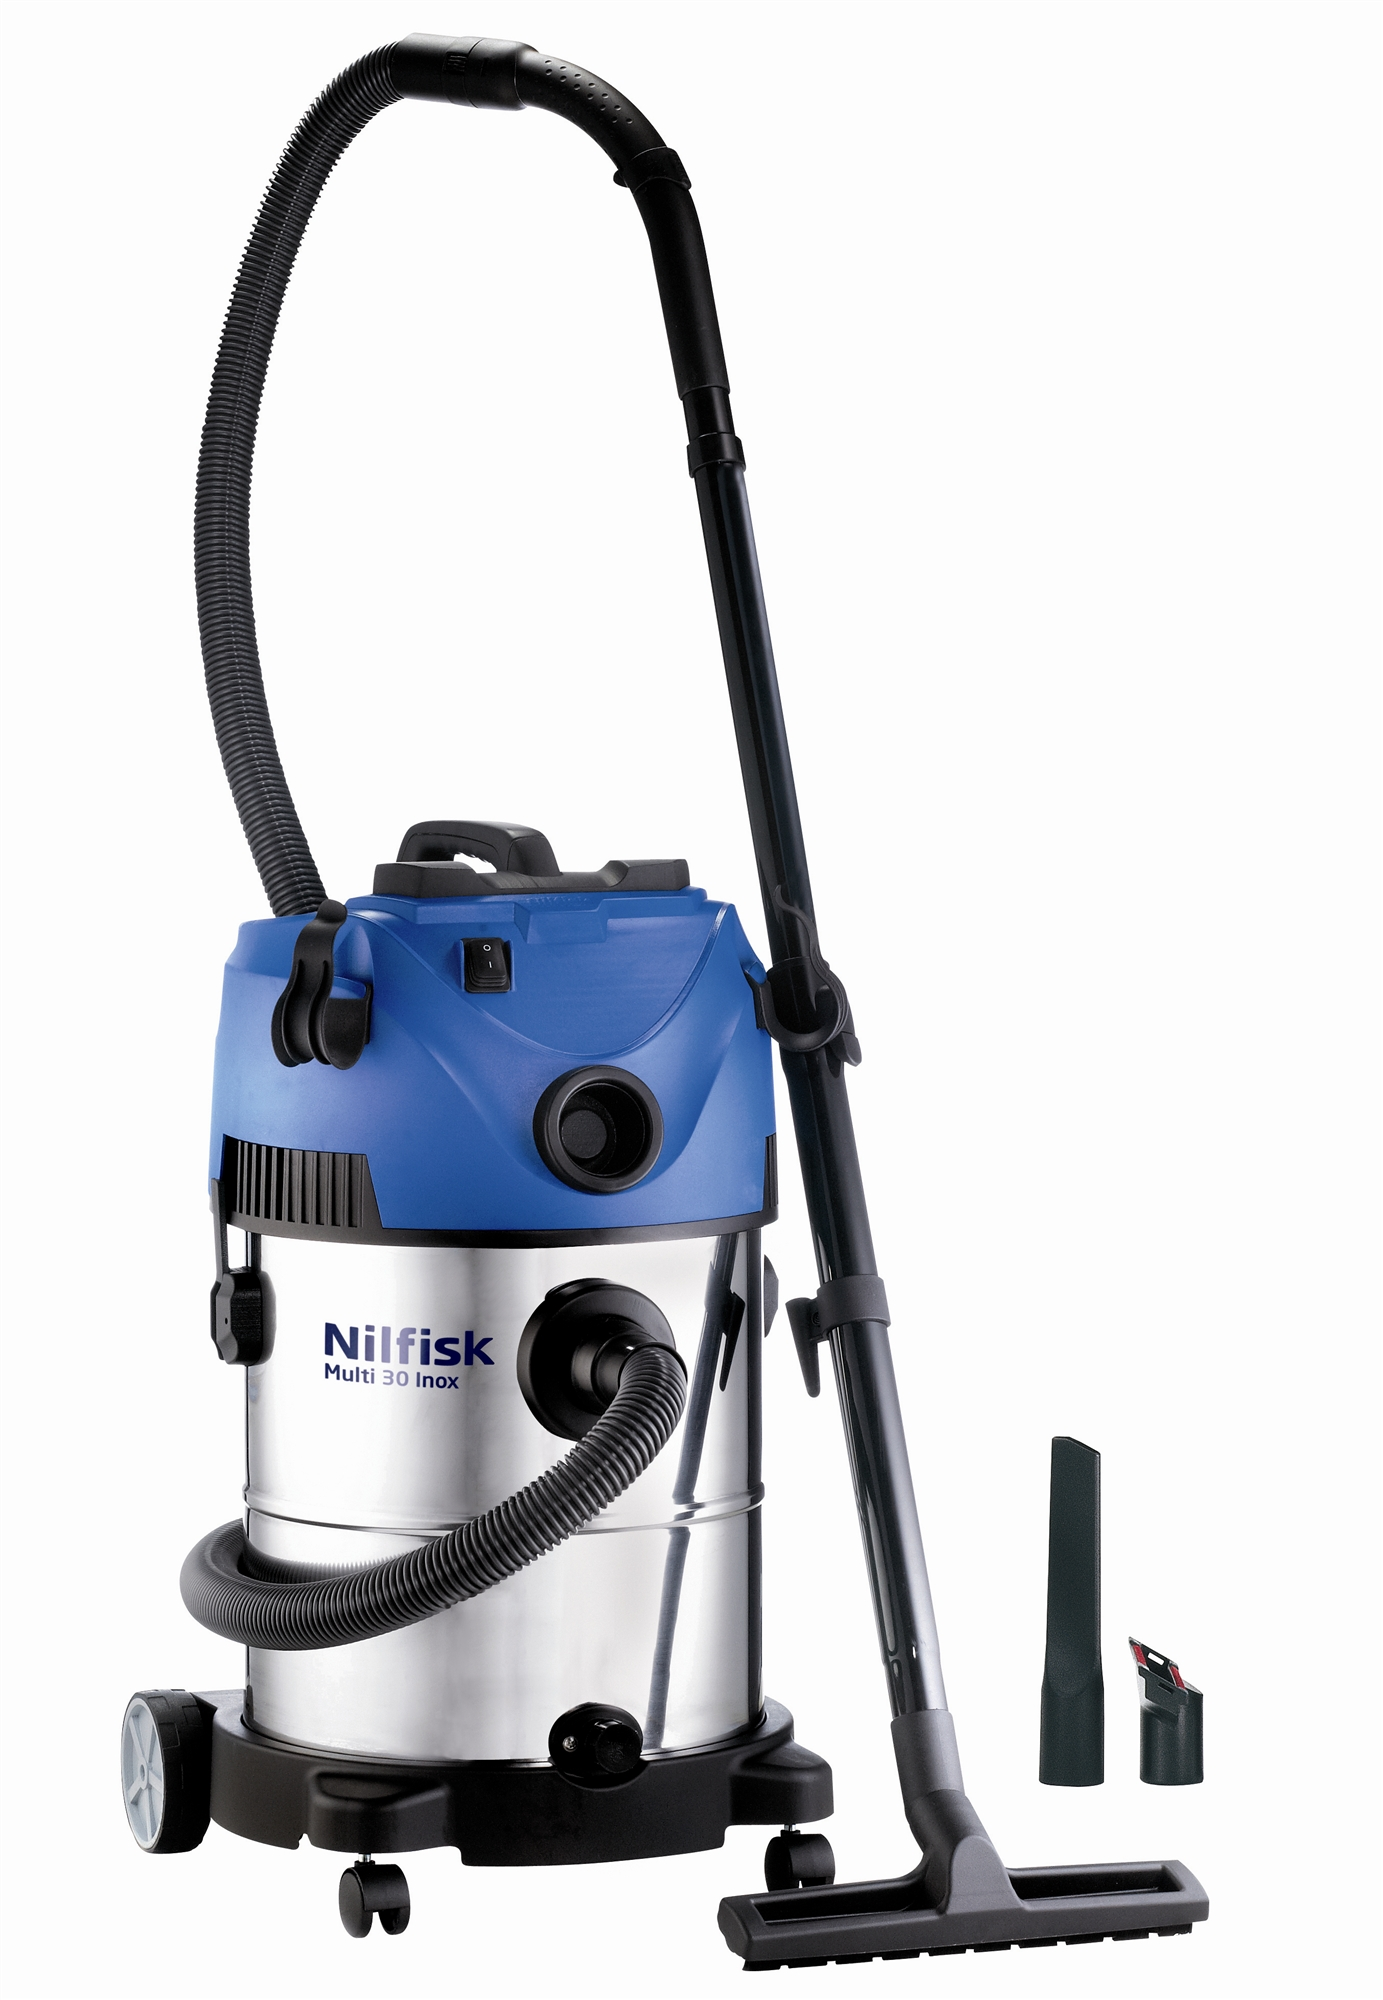 aspirateur eau et poussi re nilfisk multi 30 inox. Black Bedroom Furniture Sets. Home Design Ideas